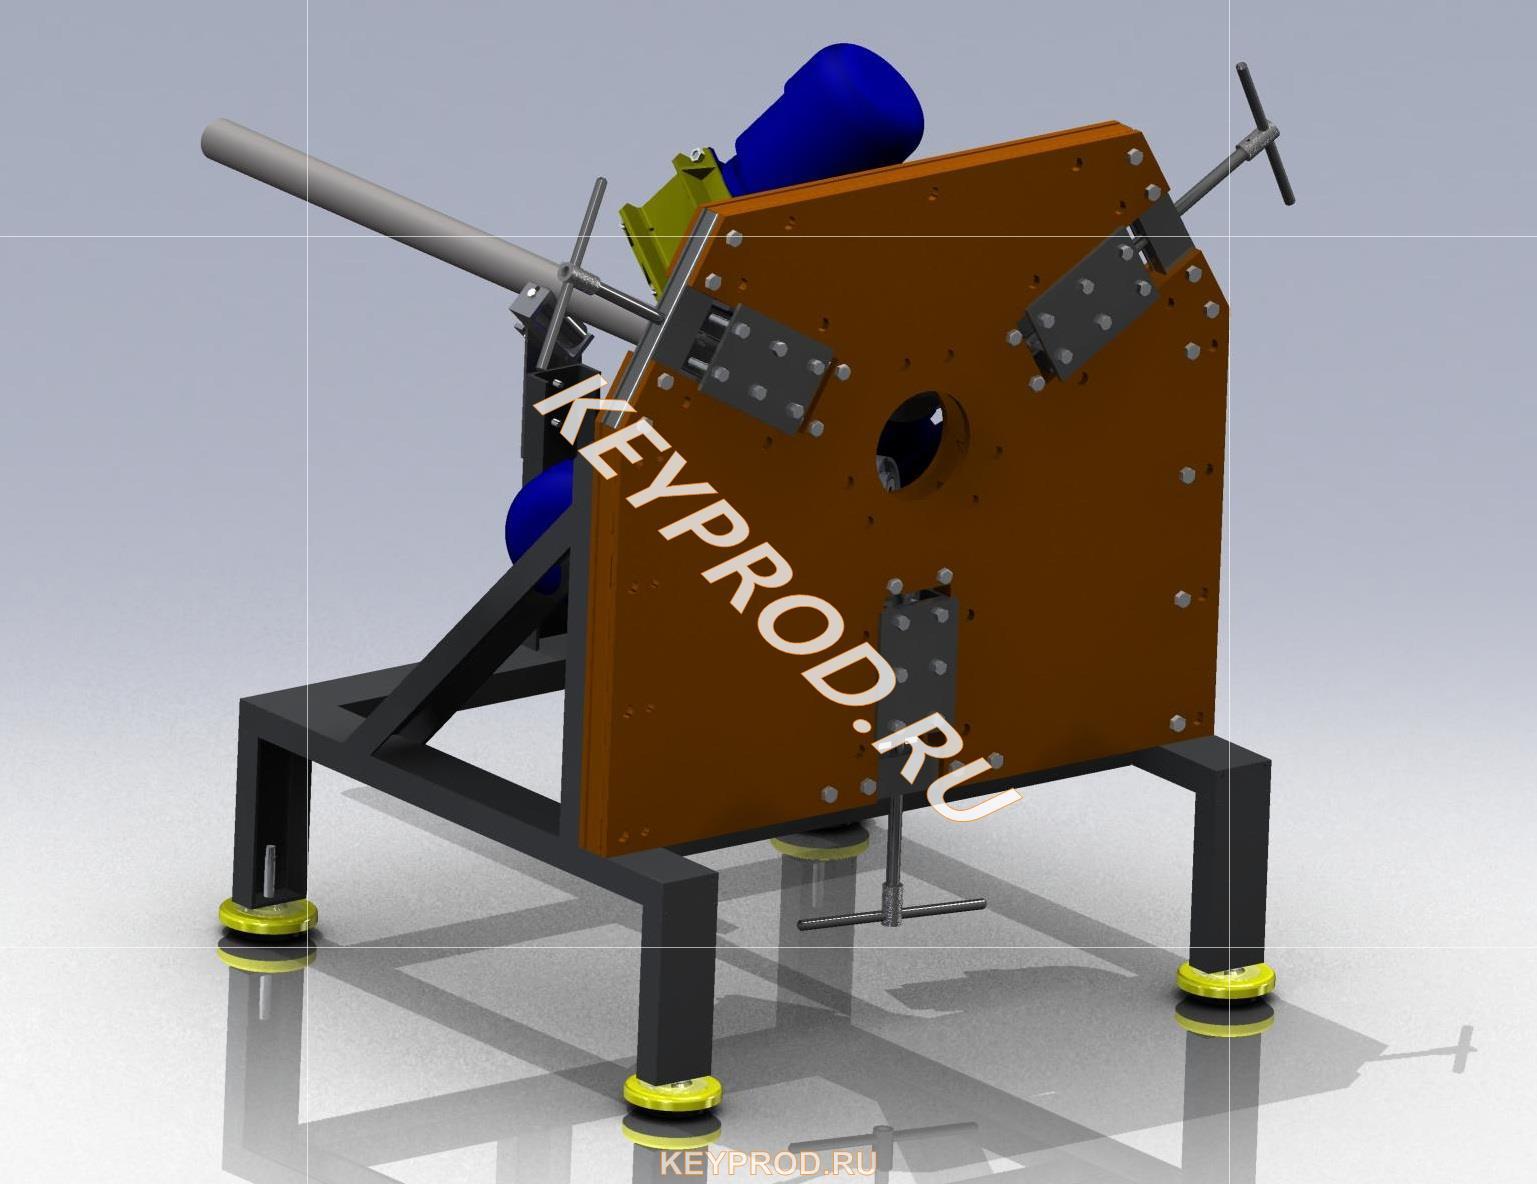 Станок для производства витой трубы чертежи